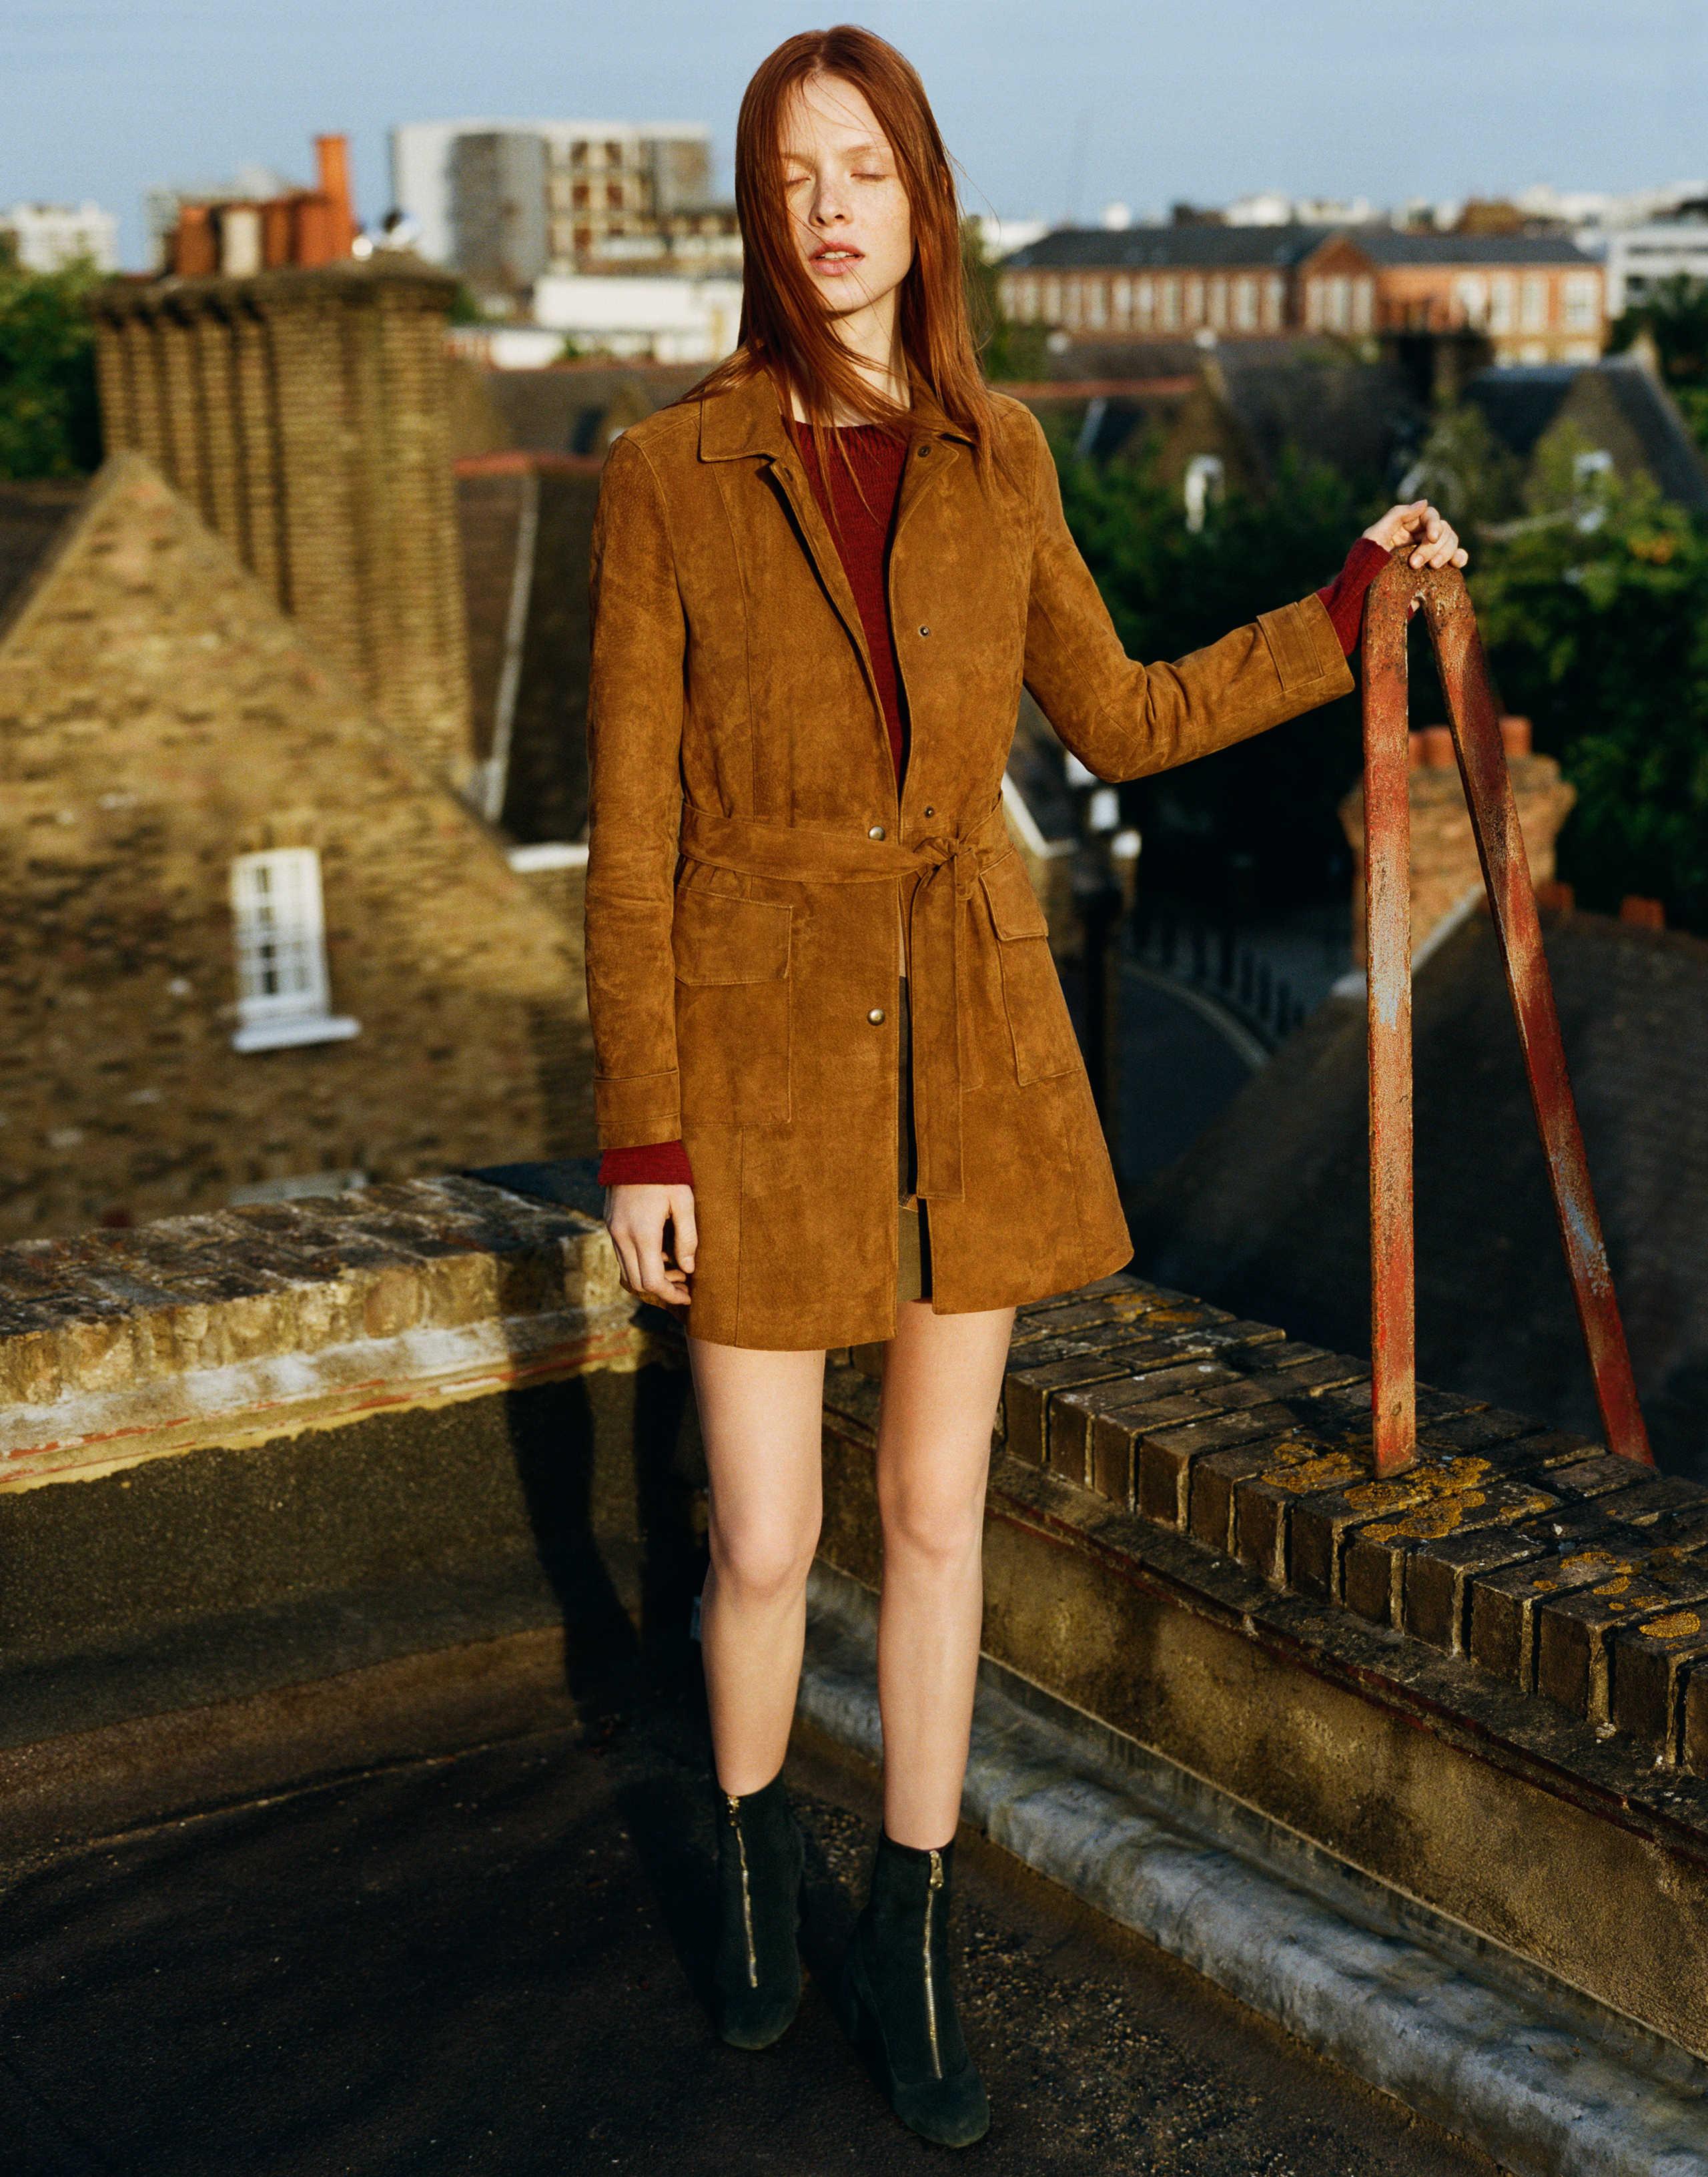 Zara TRF A/W 15-16 Campaign